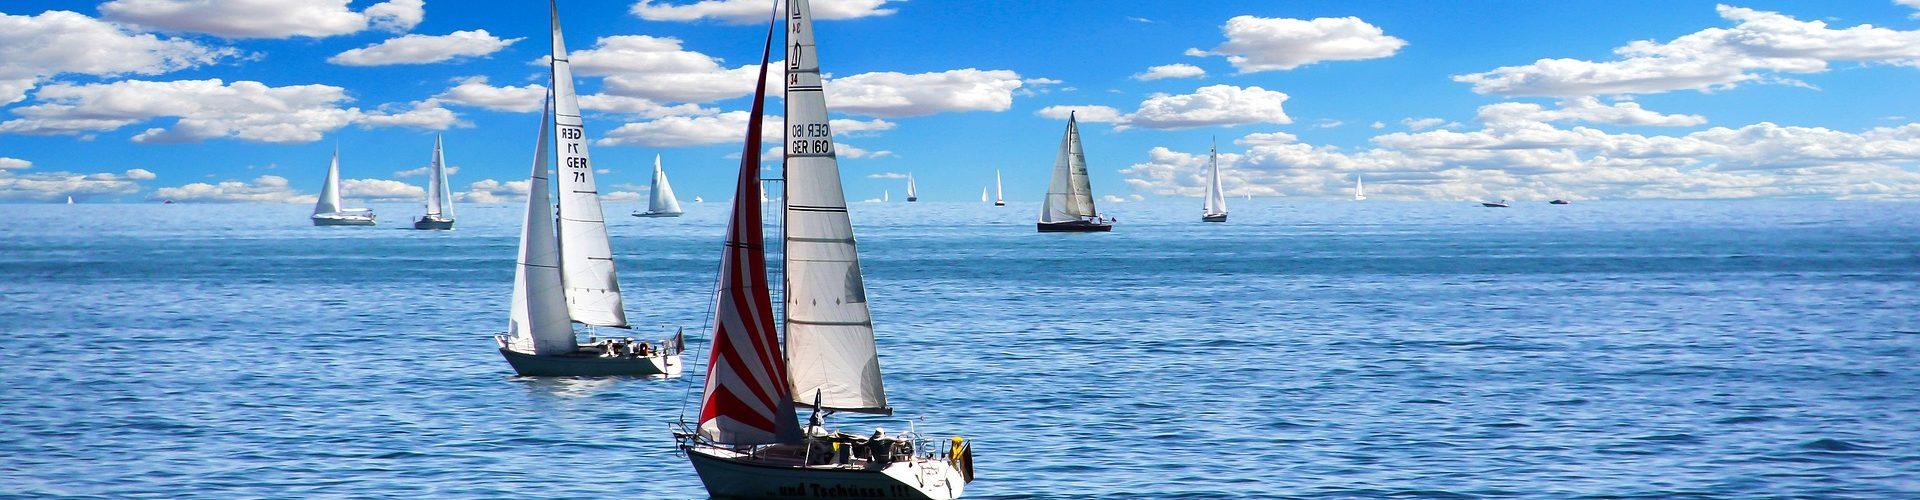 segeln lernen in Anklam segelschein machen in Anklam 1920x500 - Segeln lernen in Anklam